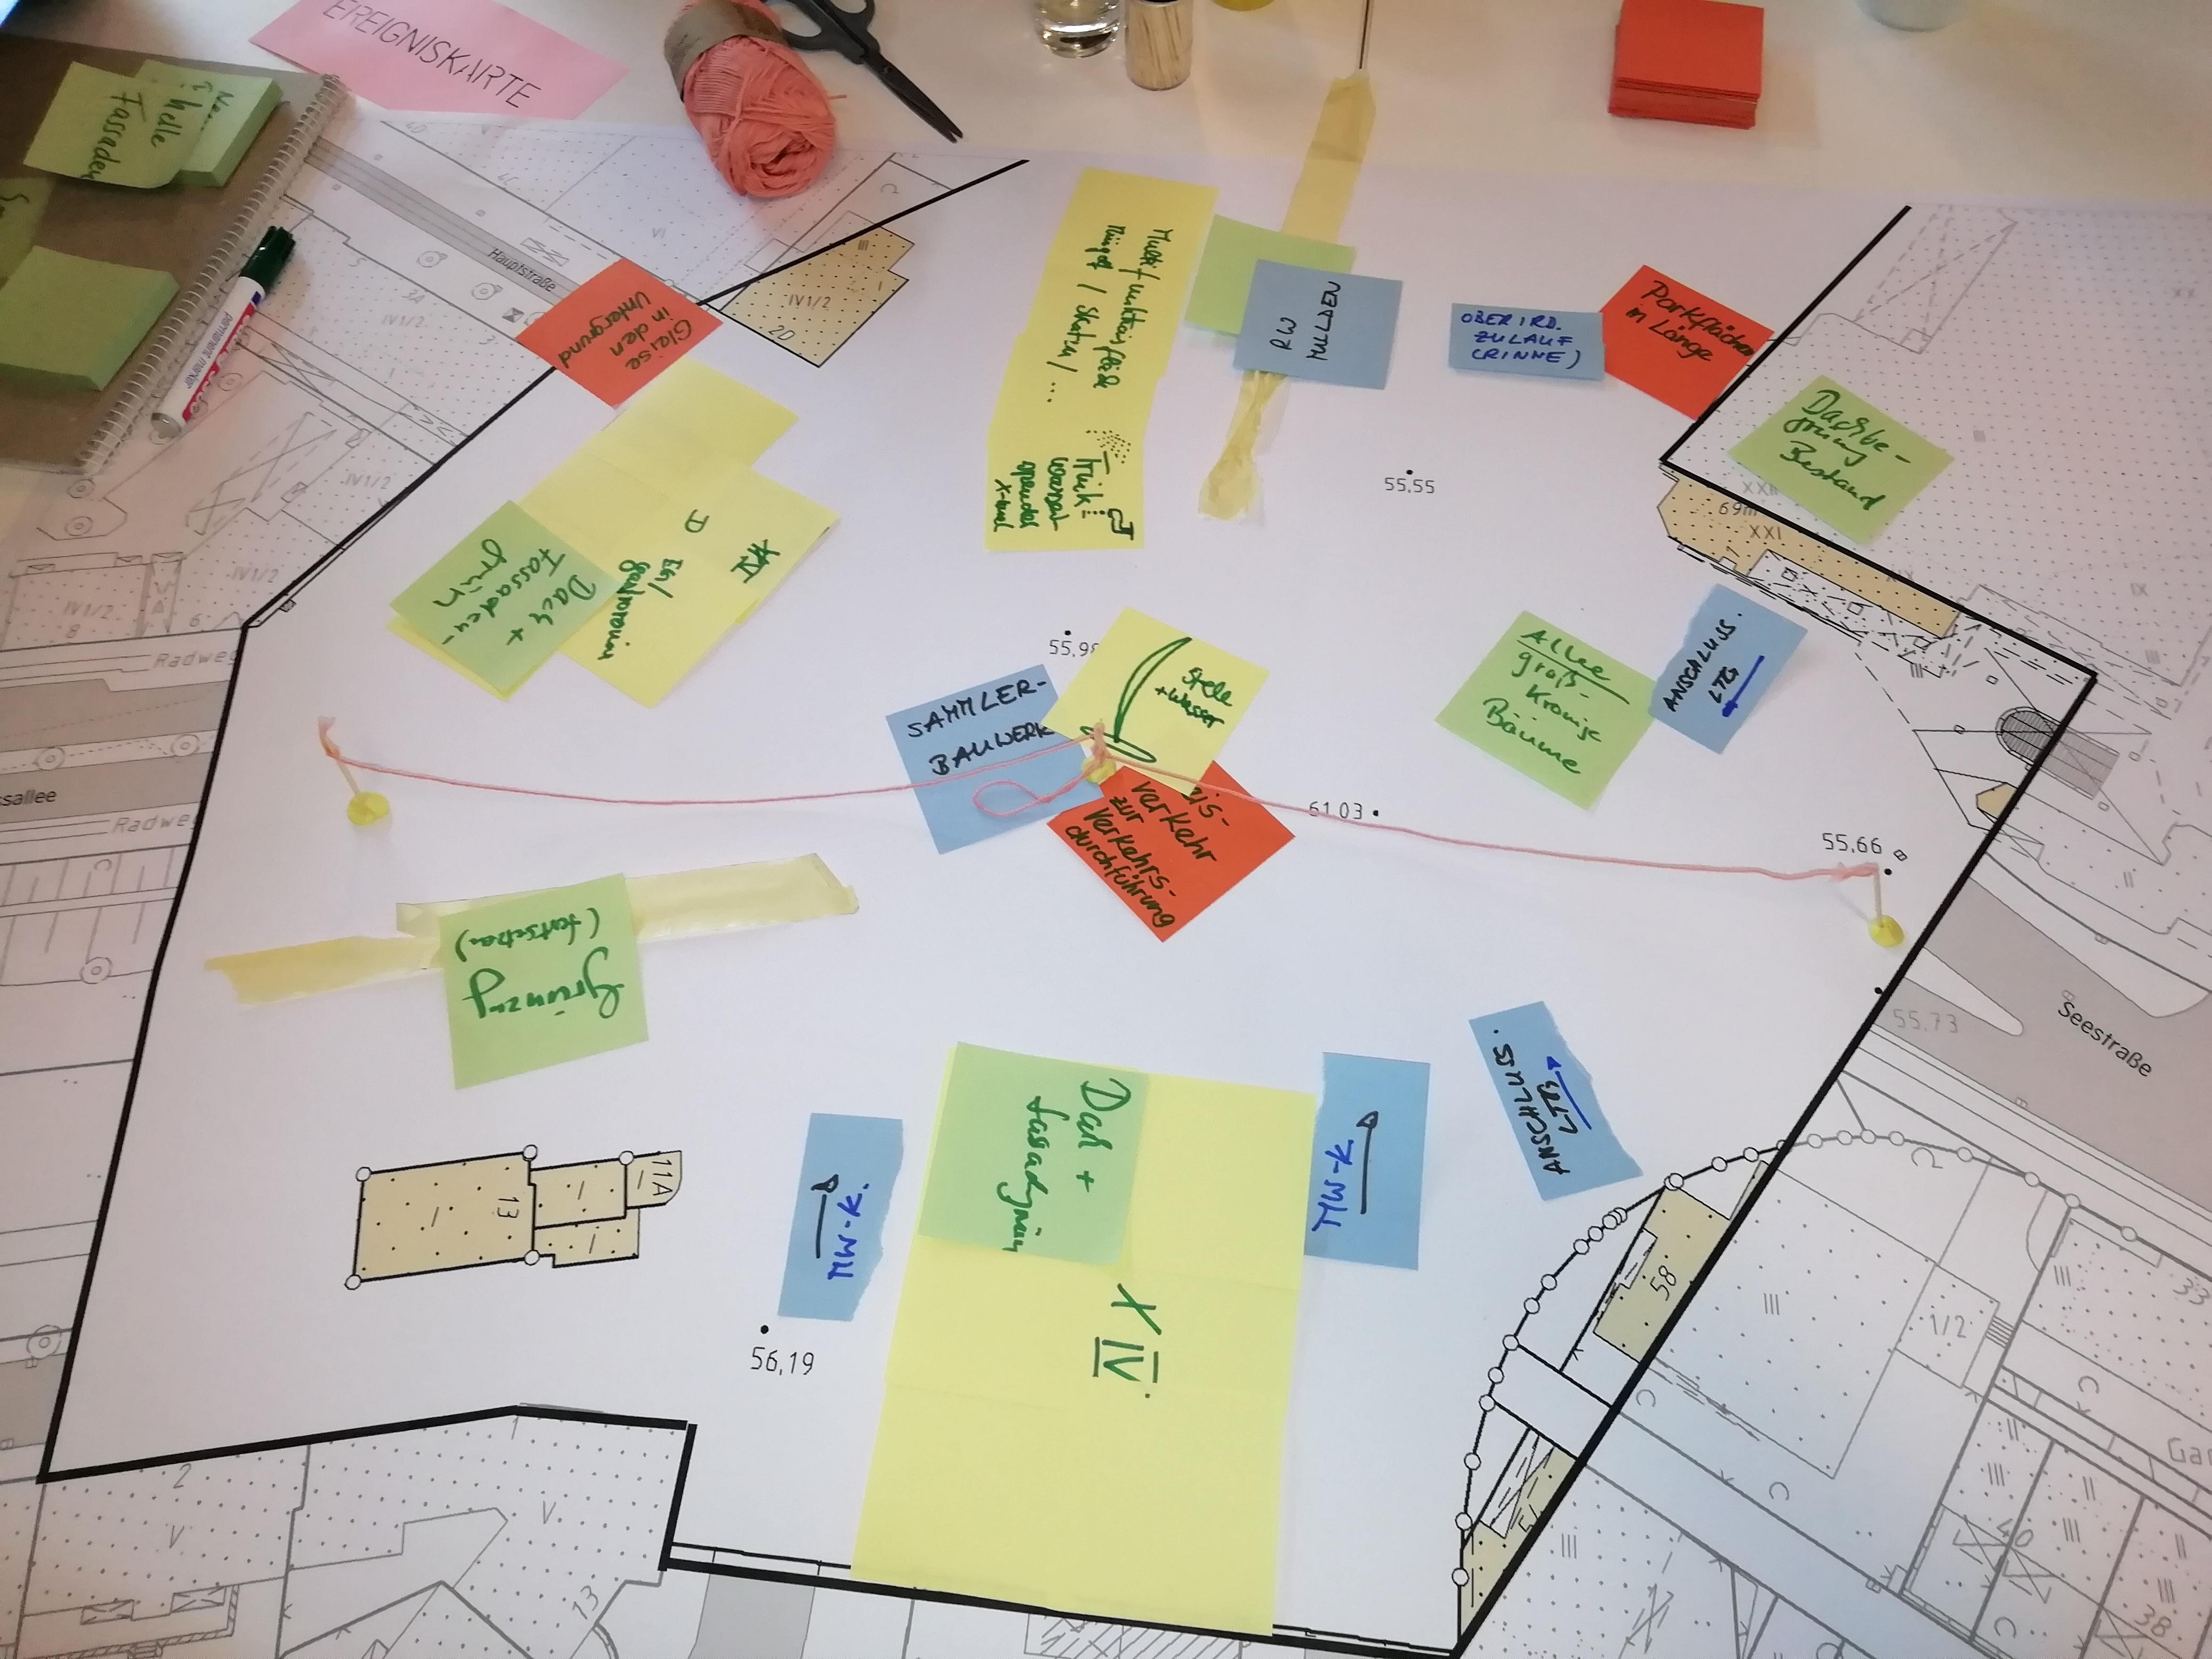 Auf einem Tisch liegende Projektskizze mit vielen handschriftlichen Hinweisen auf farbigen Zetteln auf einer Planfläche.